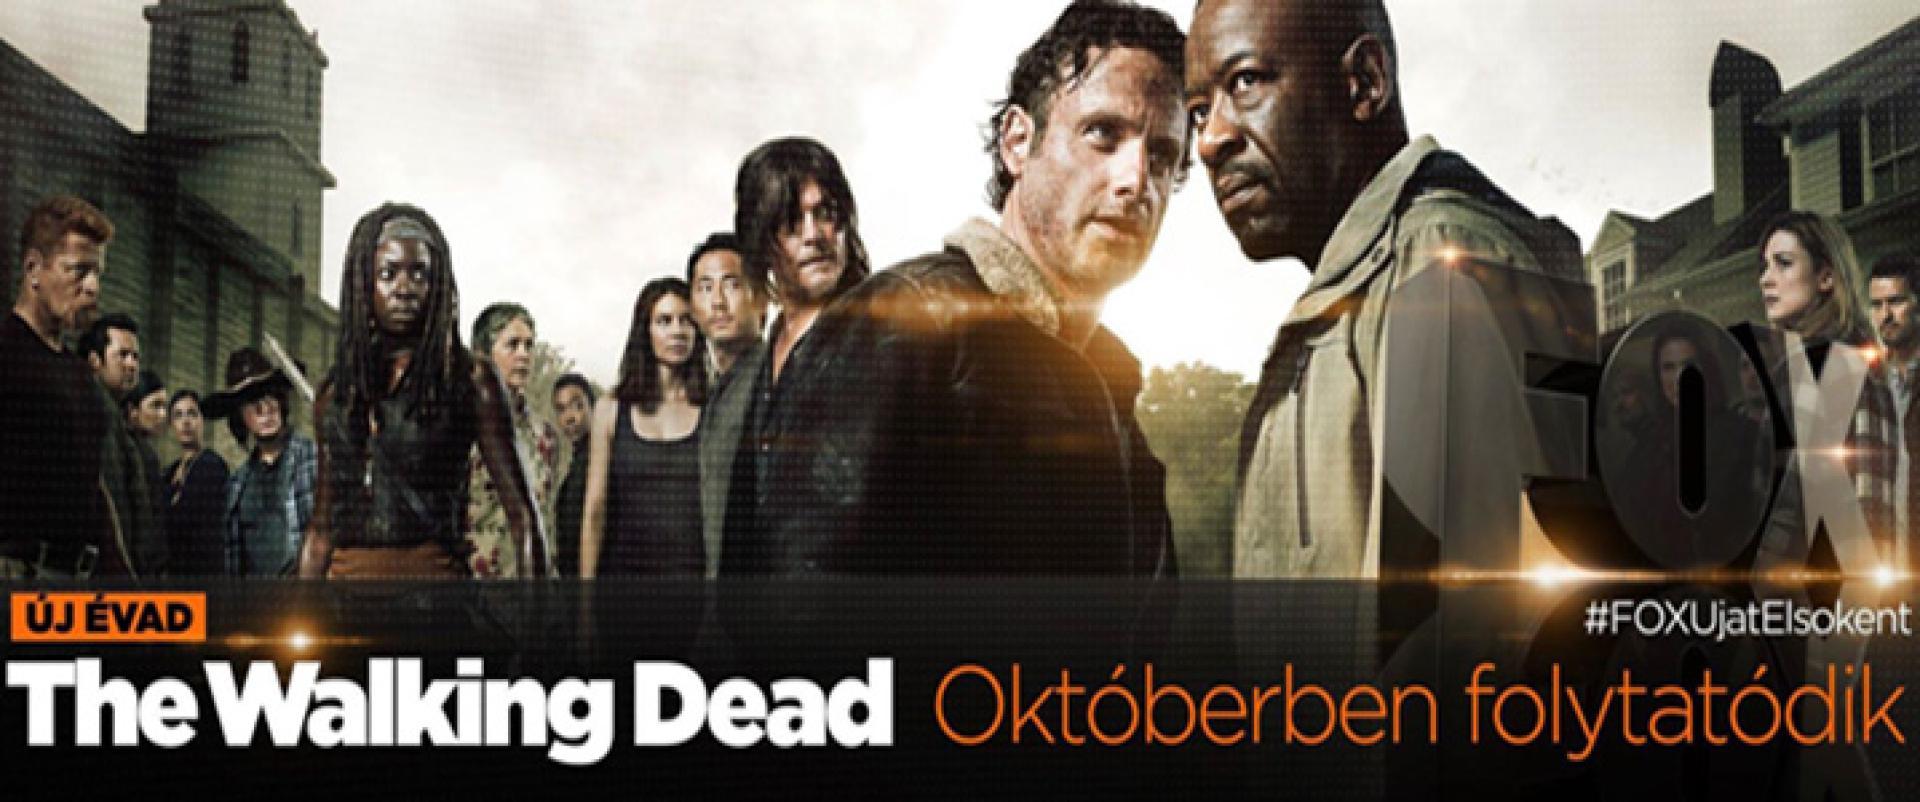 The Walking Dead, 6. évad: poszter és spekulációk